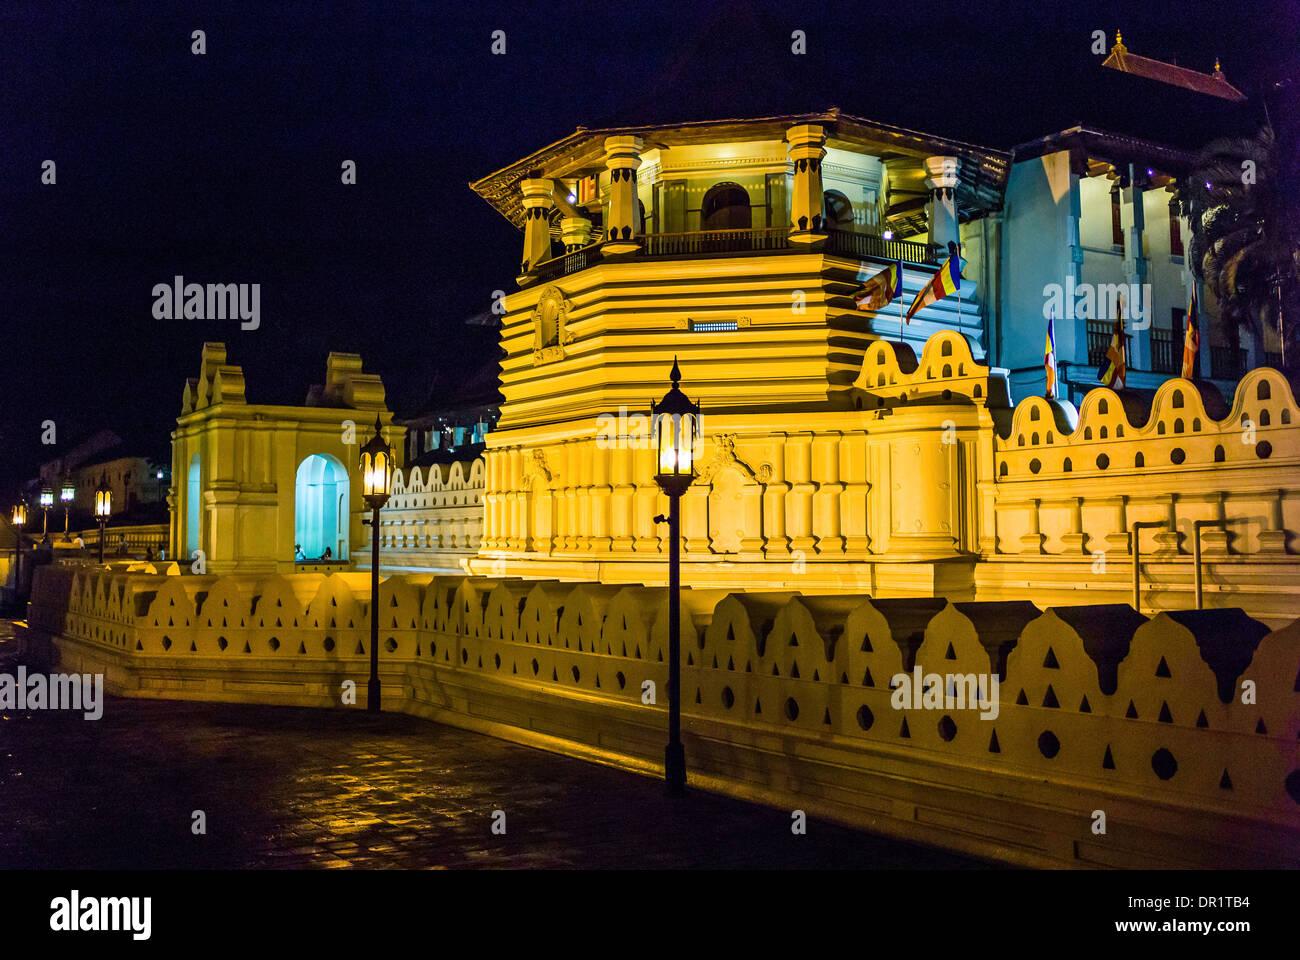 Sri Lanka, Kandy, night view of the Royal Palace Stock Photo